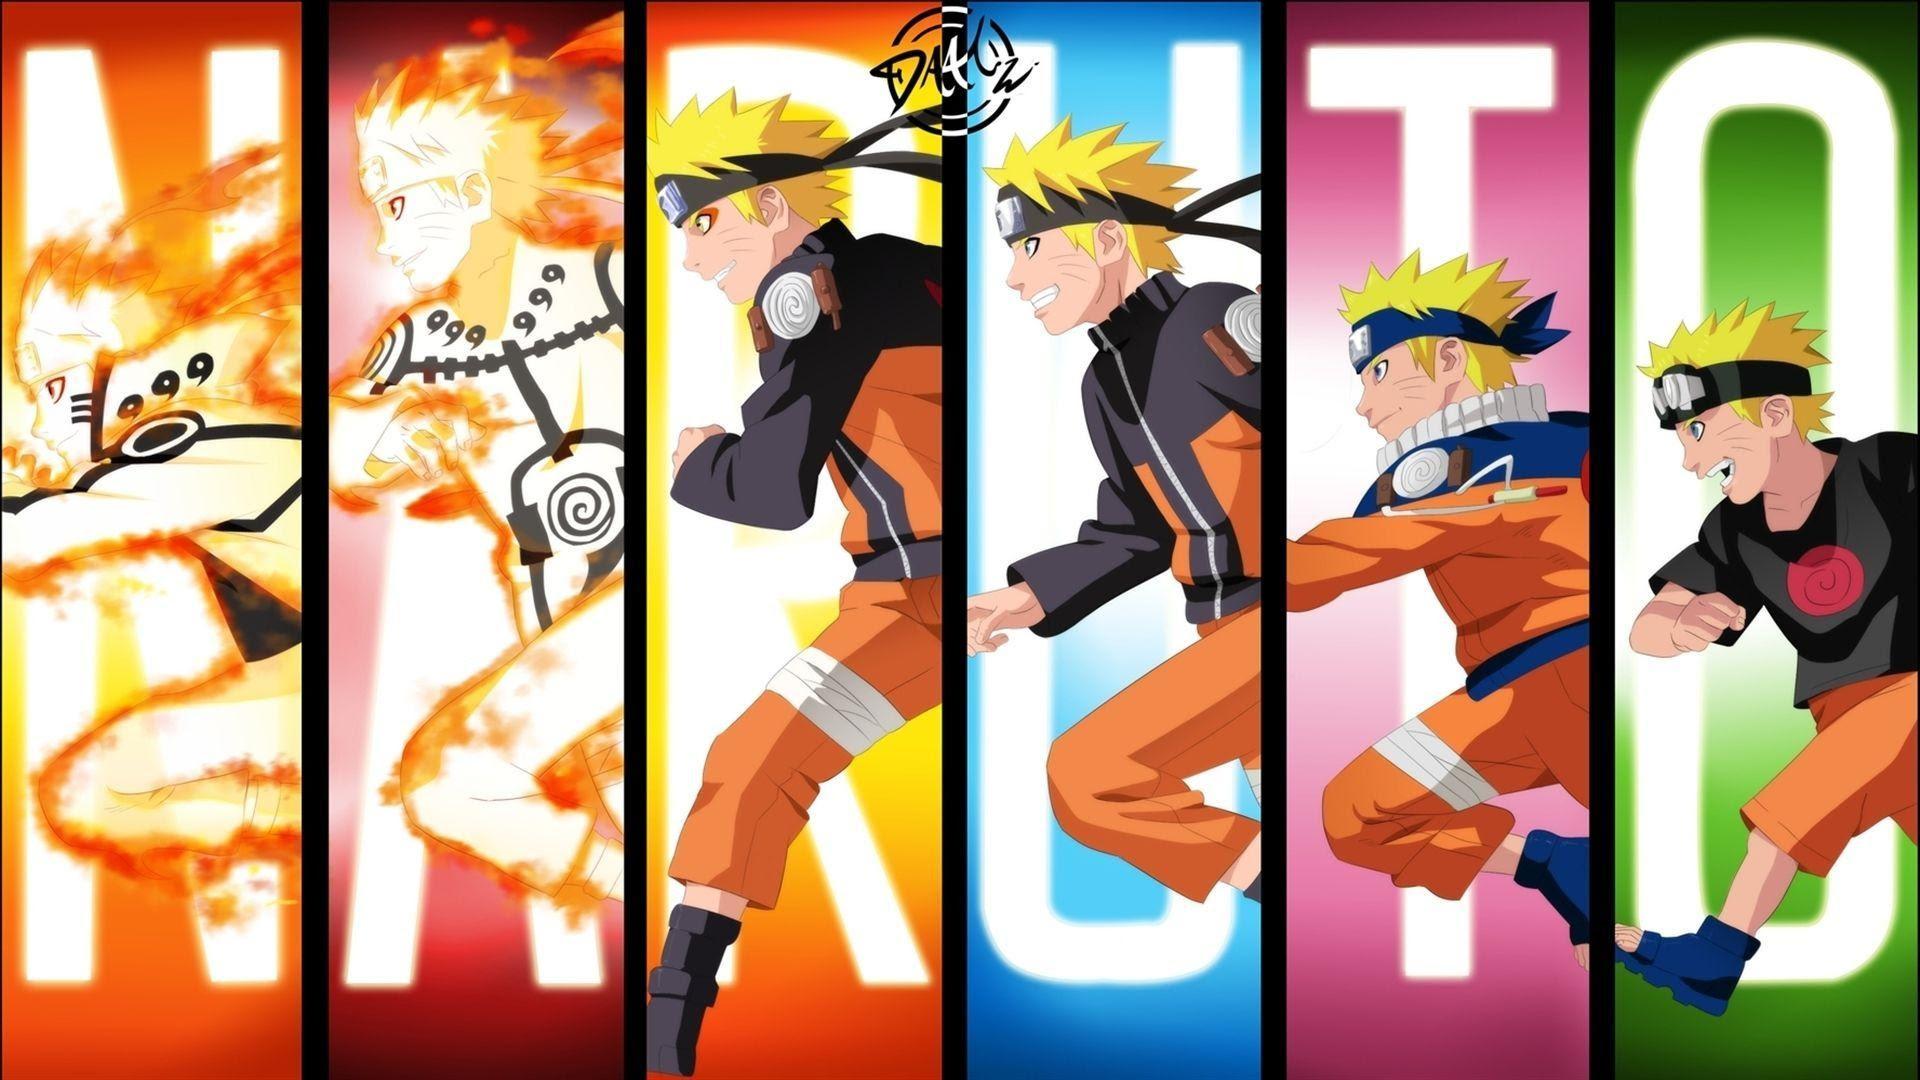 Las Dos Reinas Es Una Cinta Biografica Anime Aesthetic Wallpaper Desktop Naruto